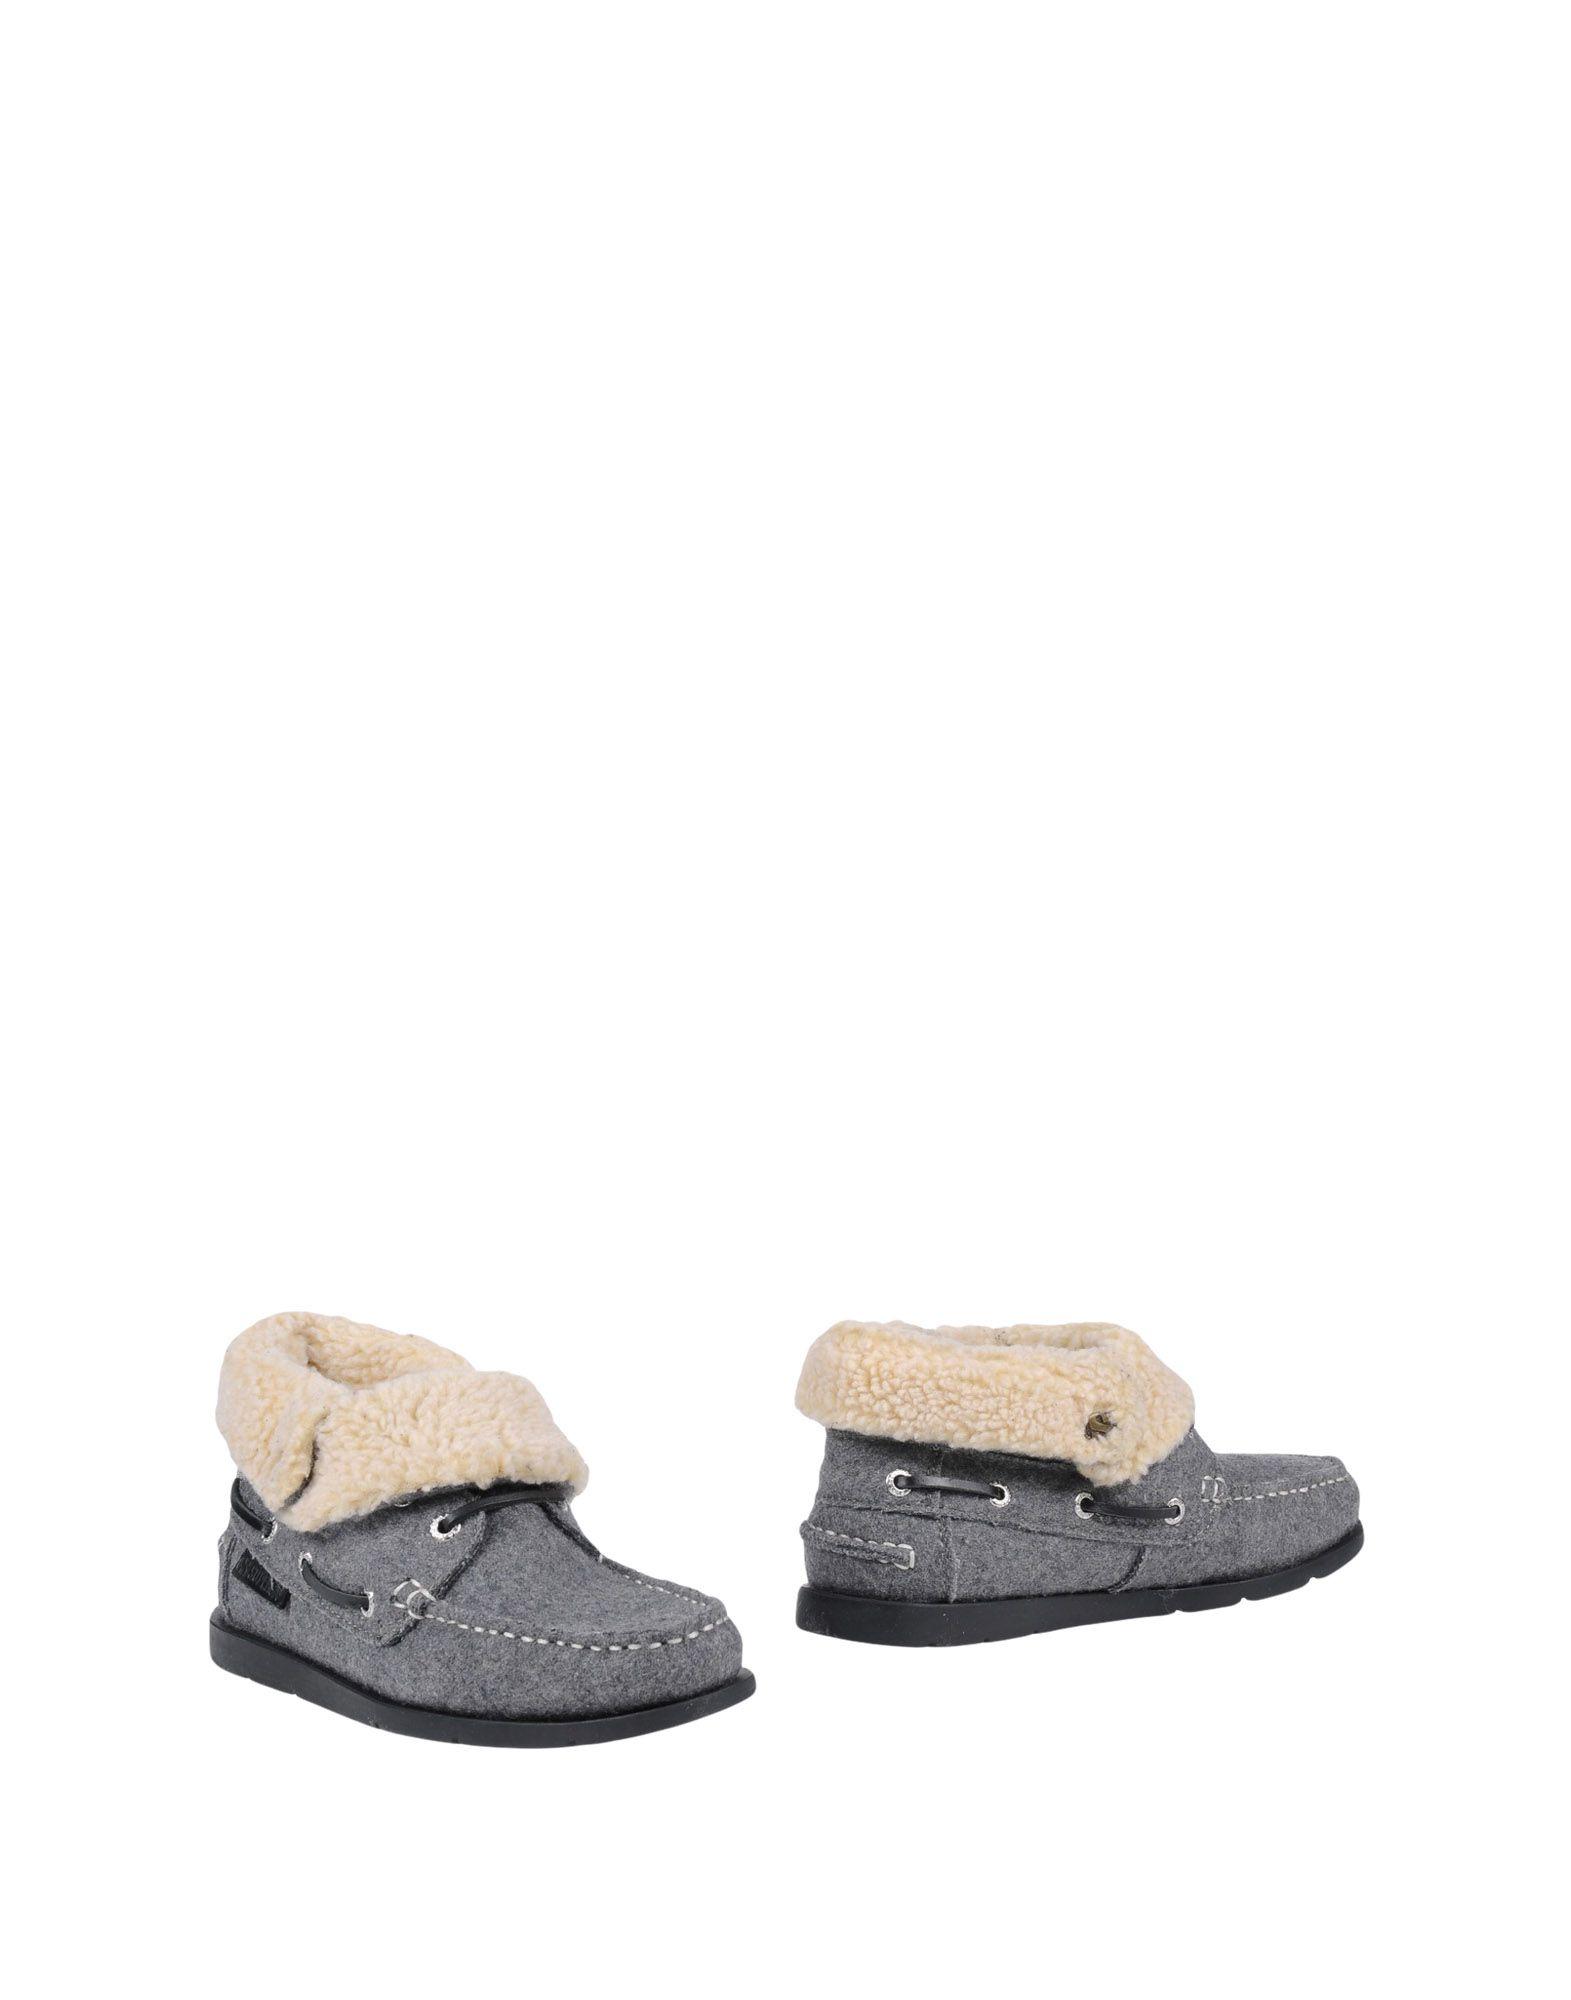 Superga® Stiefelette Damen  11455844VT Qualität Gute Qualität 11455844VT beliebte Schuhe c4c883